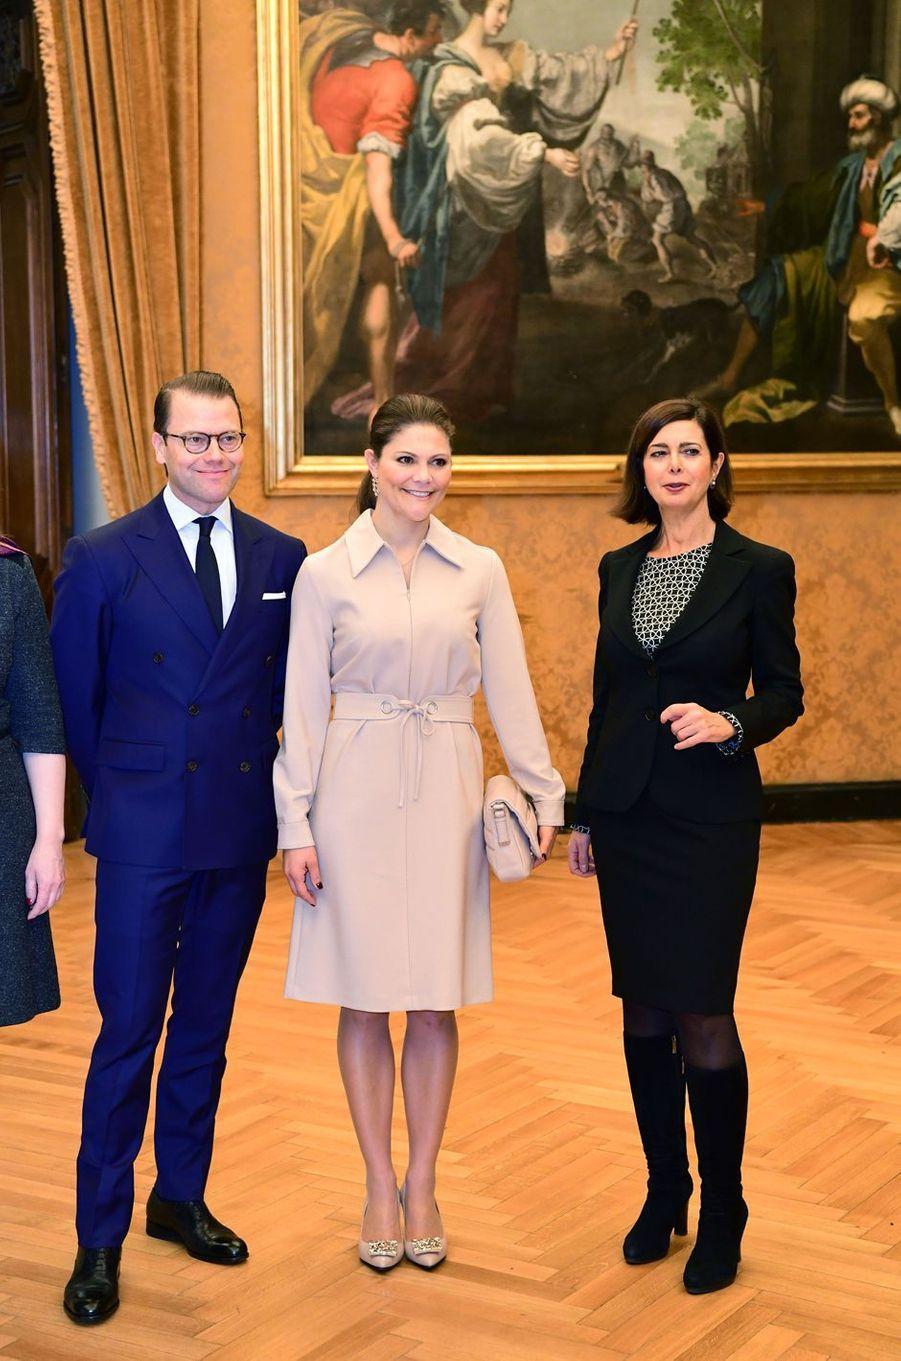 La princesse Victoria de Suède et le prince consort Daniel avec Laura Boldrini, la présidente de la Chambre des députés italienne, à Rome le 15 décembre 2016